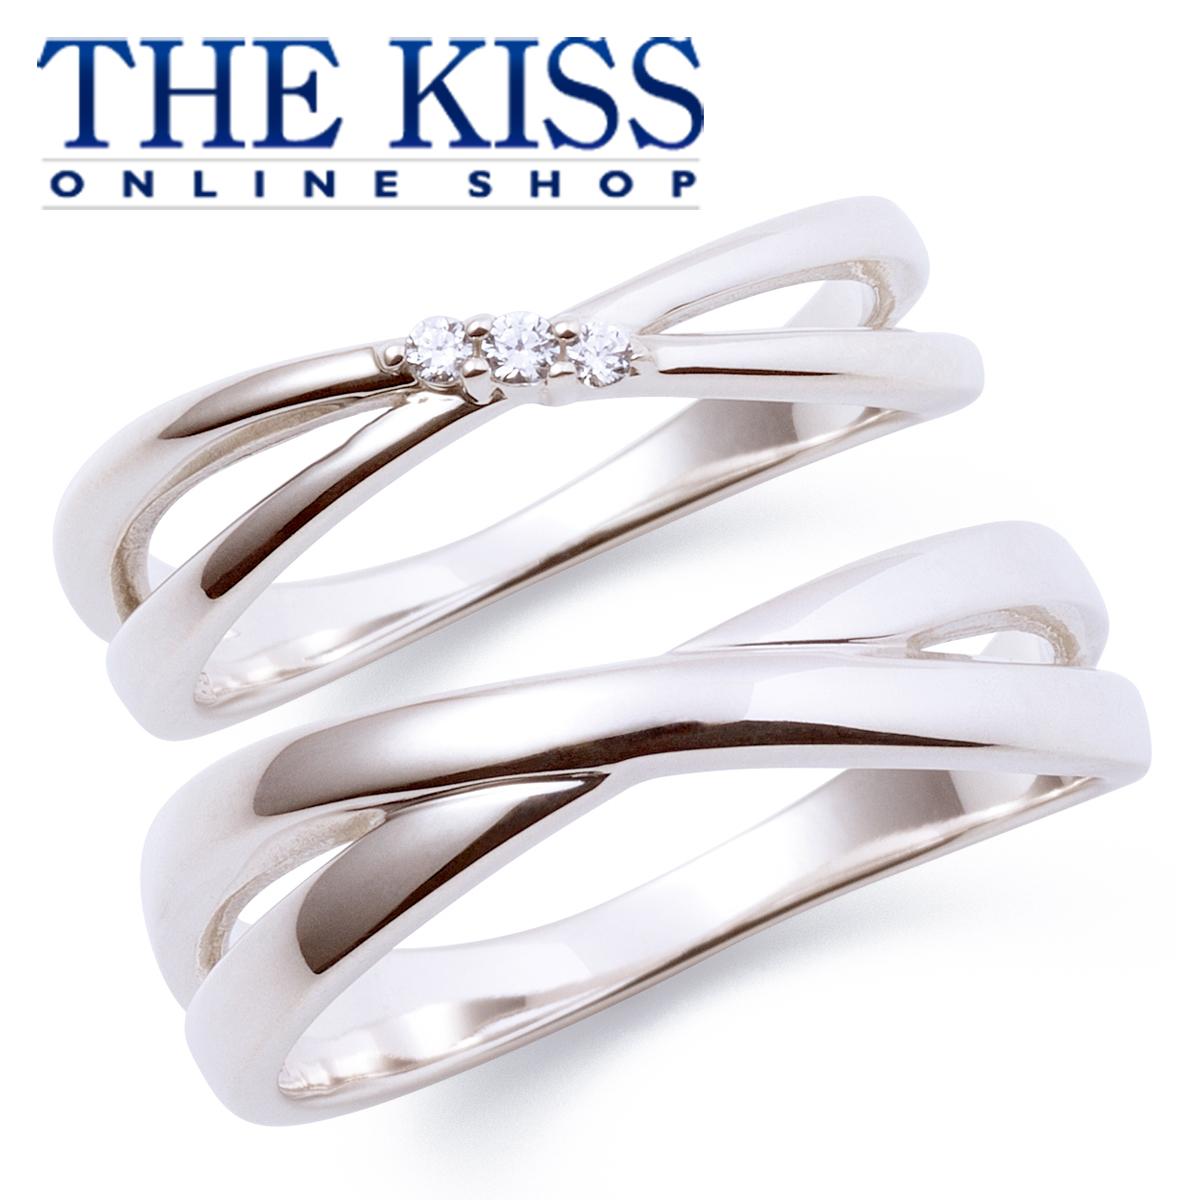 【あす楽対応】THE KISS 公式サイト シルバー ペアリング ペアアクセサリー カップル に 人気 の ジュエリーブランド THEKISS ペア リング・指輪 記念日 プレゼント PSR814CB-815 セット シンプル ザキス 【送料無料】